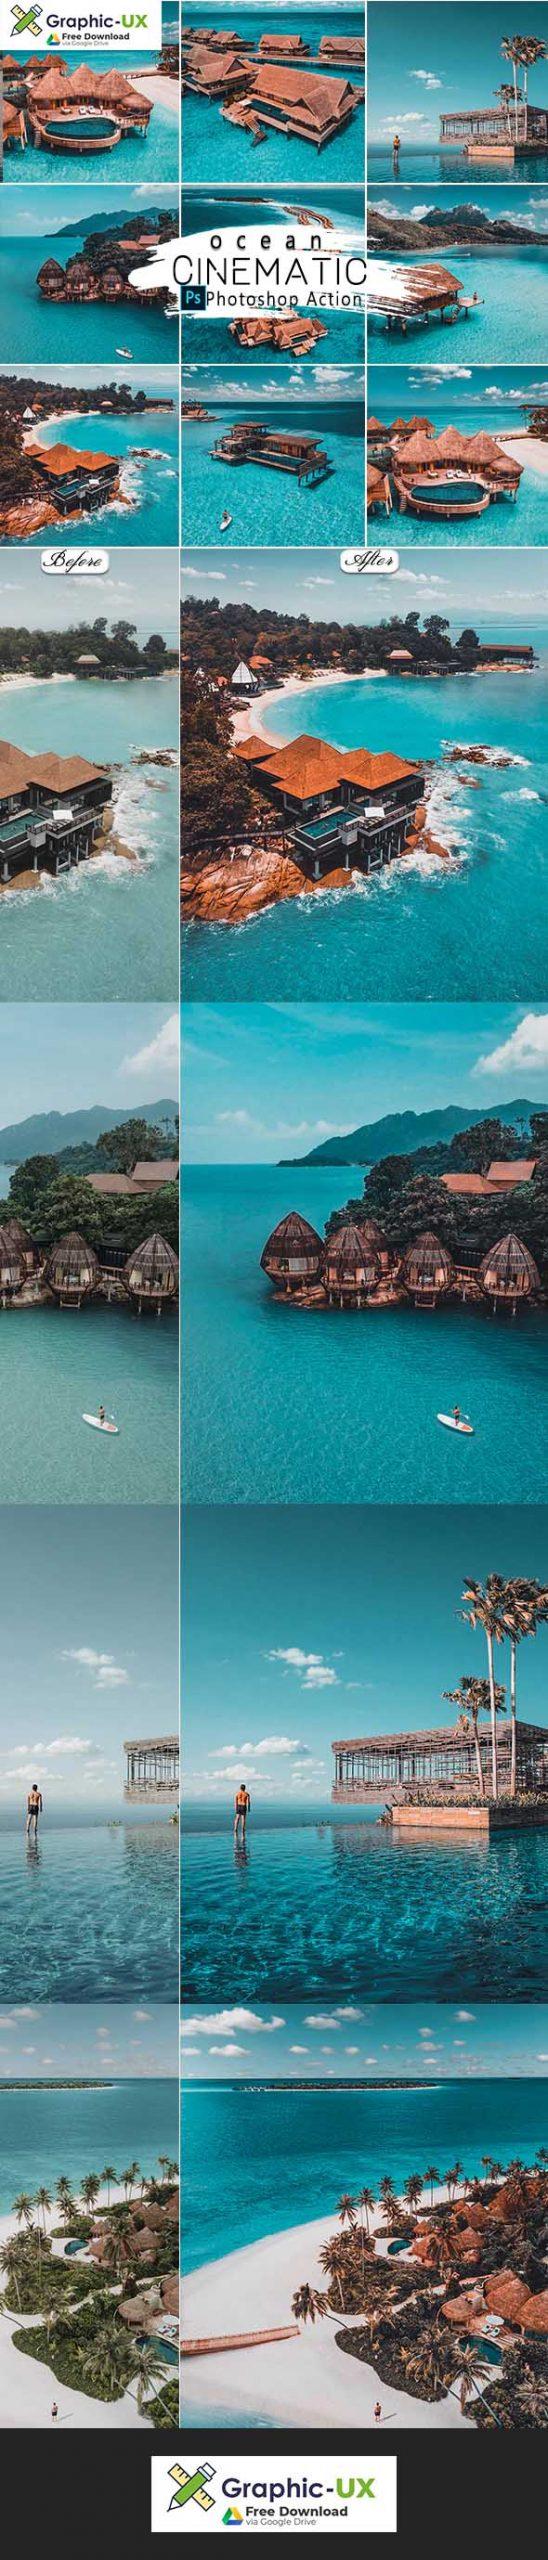 Cinematic Ocean Photoshop Actions